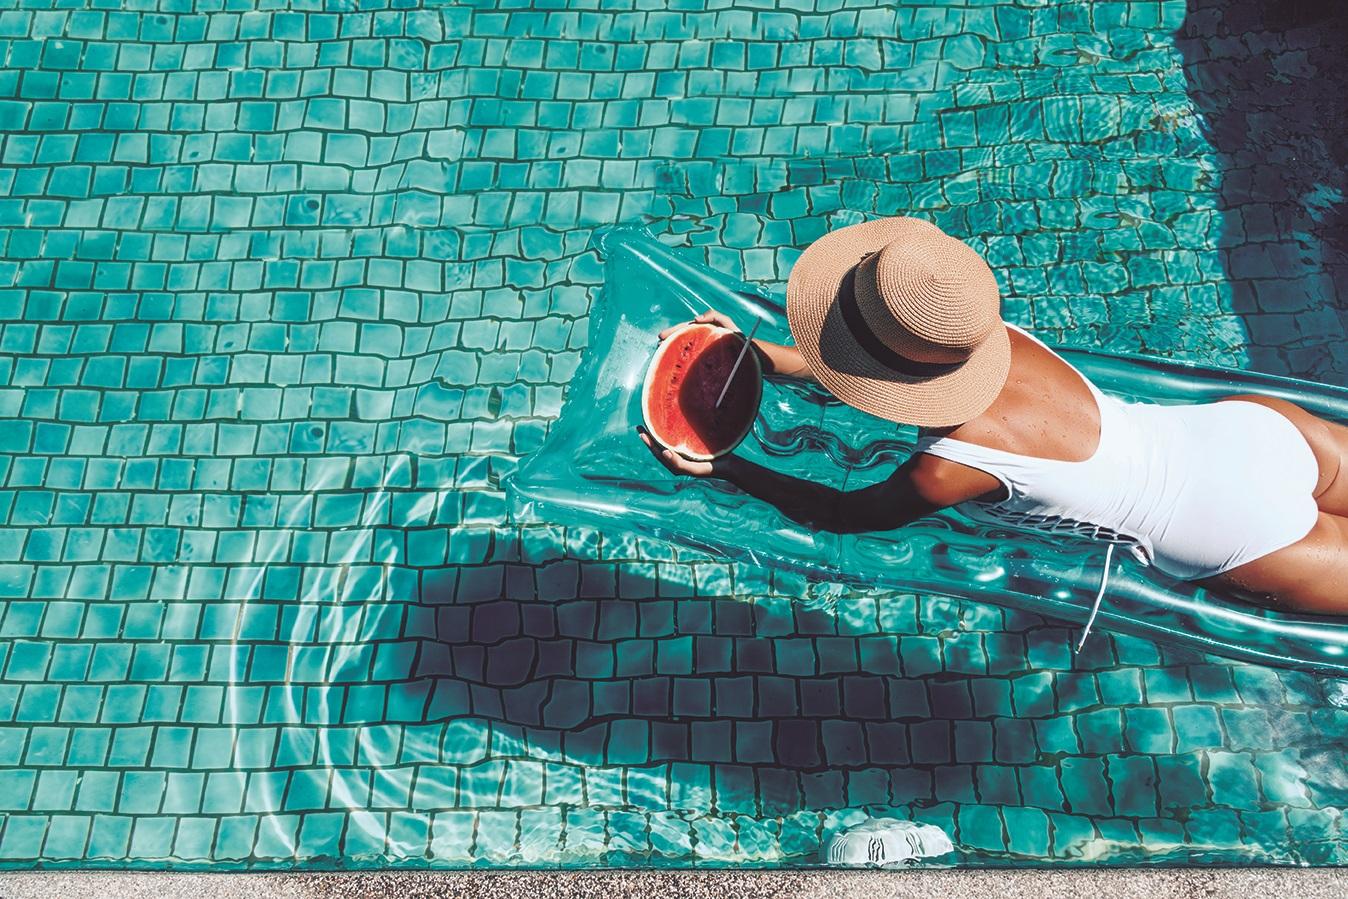 Ventajon te propone una lista de imprescindibles de belleza para disfrutar de un verano ligero y eficaz. ¡Y caben todos en tu maleta de mano!